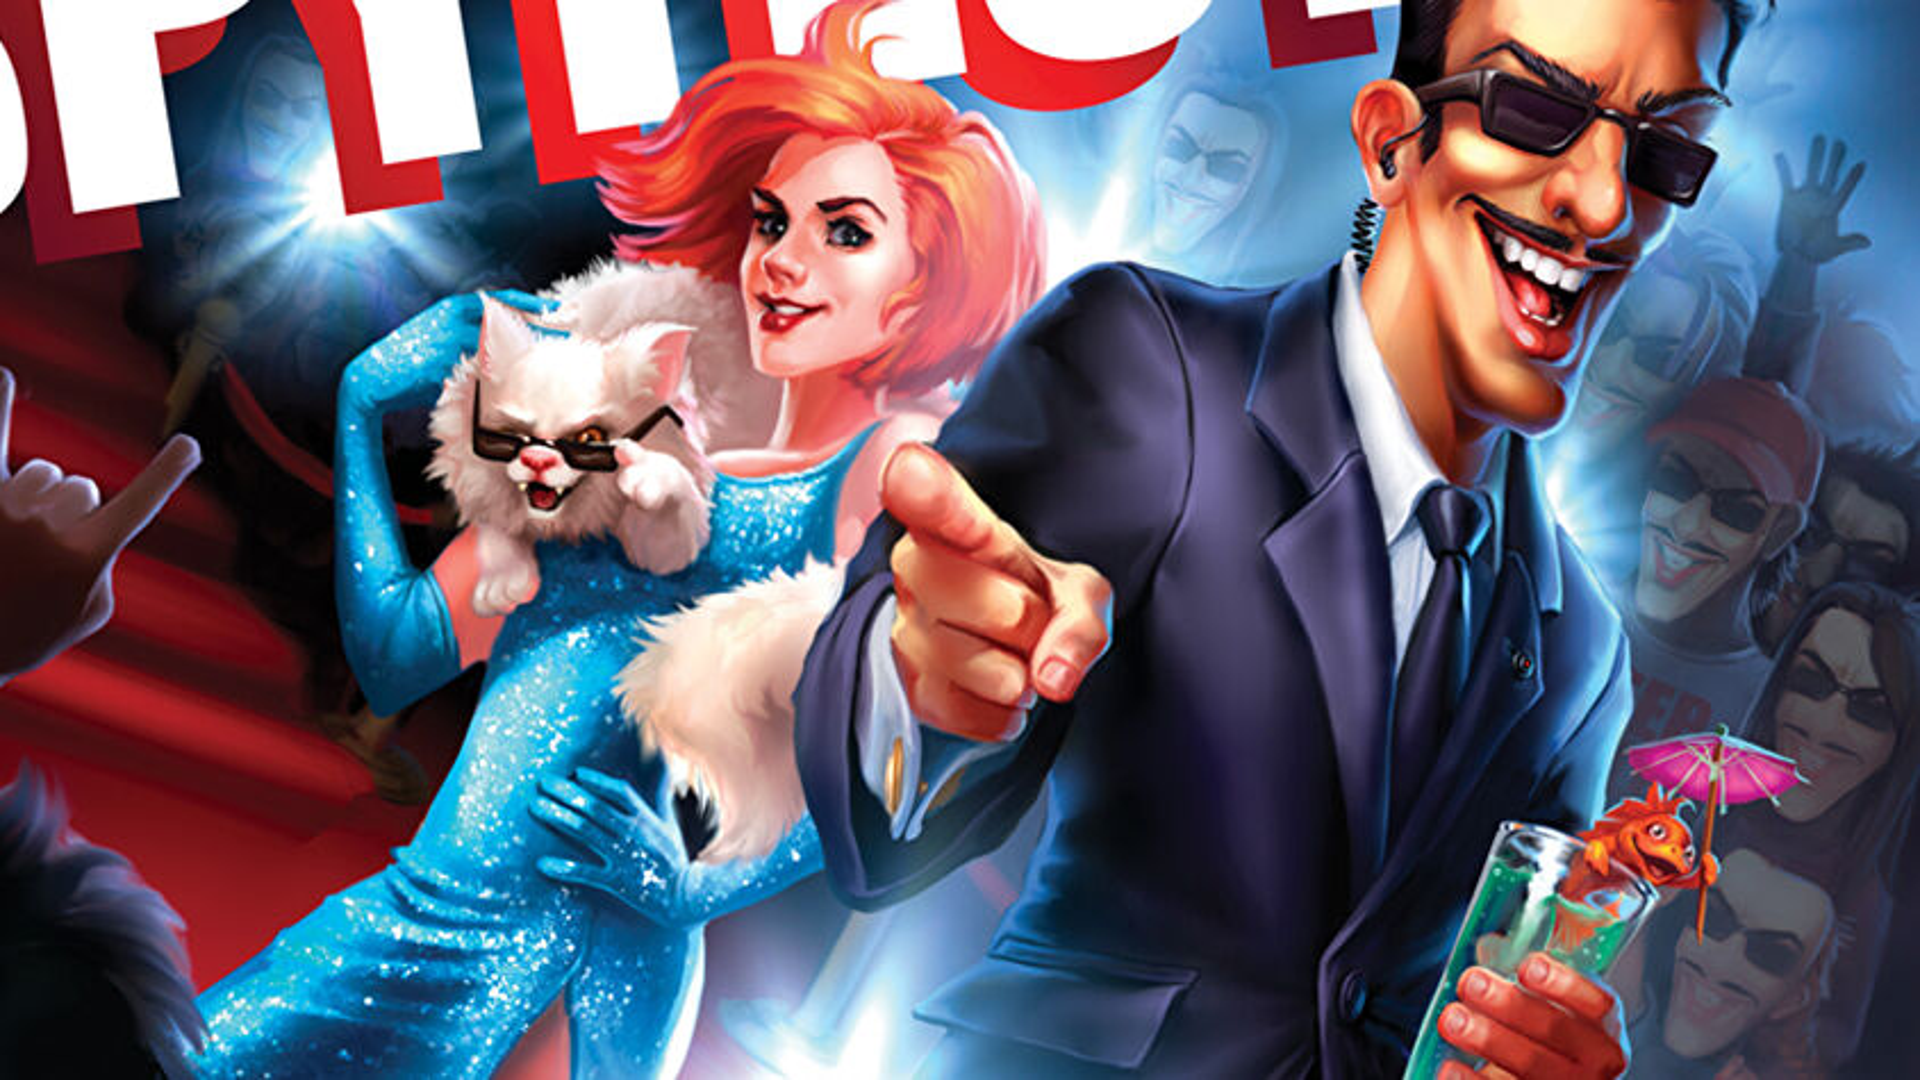 Spyfest board game artwork